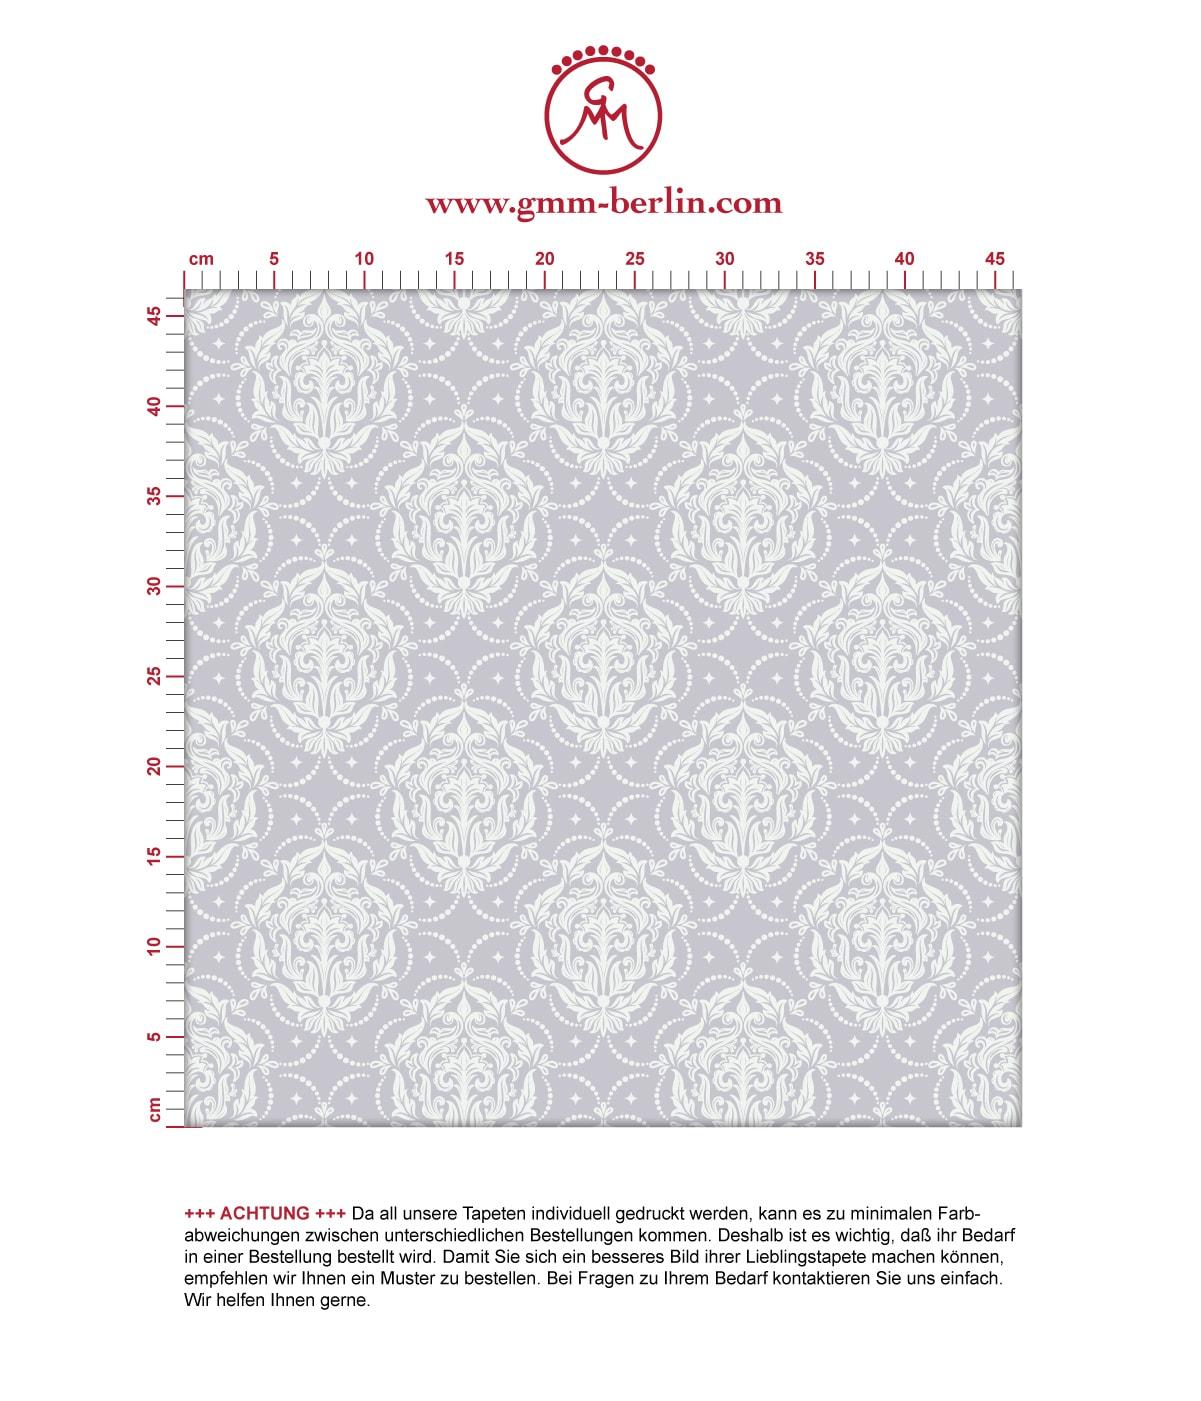 Edle Ornamenttapete My Castle Damast Muster in flieder grau - Design Tapete für Schlafzimmer. Aus dem GMM-BERLIN.com Sortiment: Schöne Tapeten in der Farbe: grau